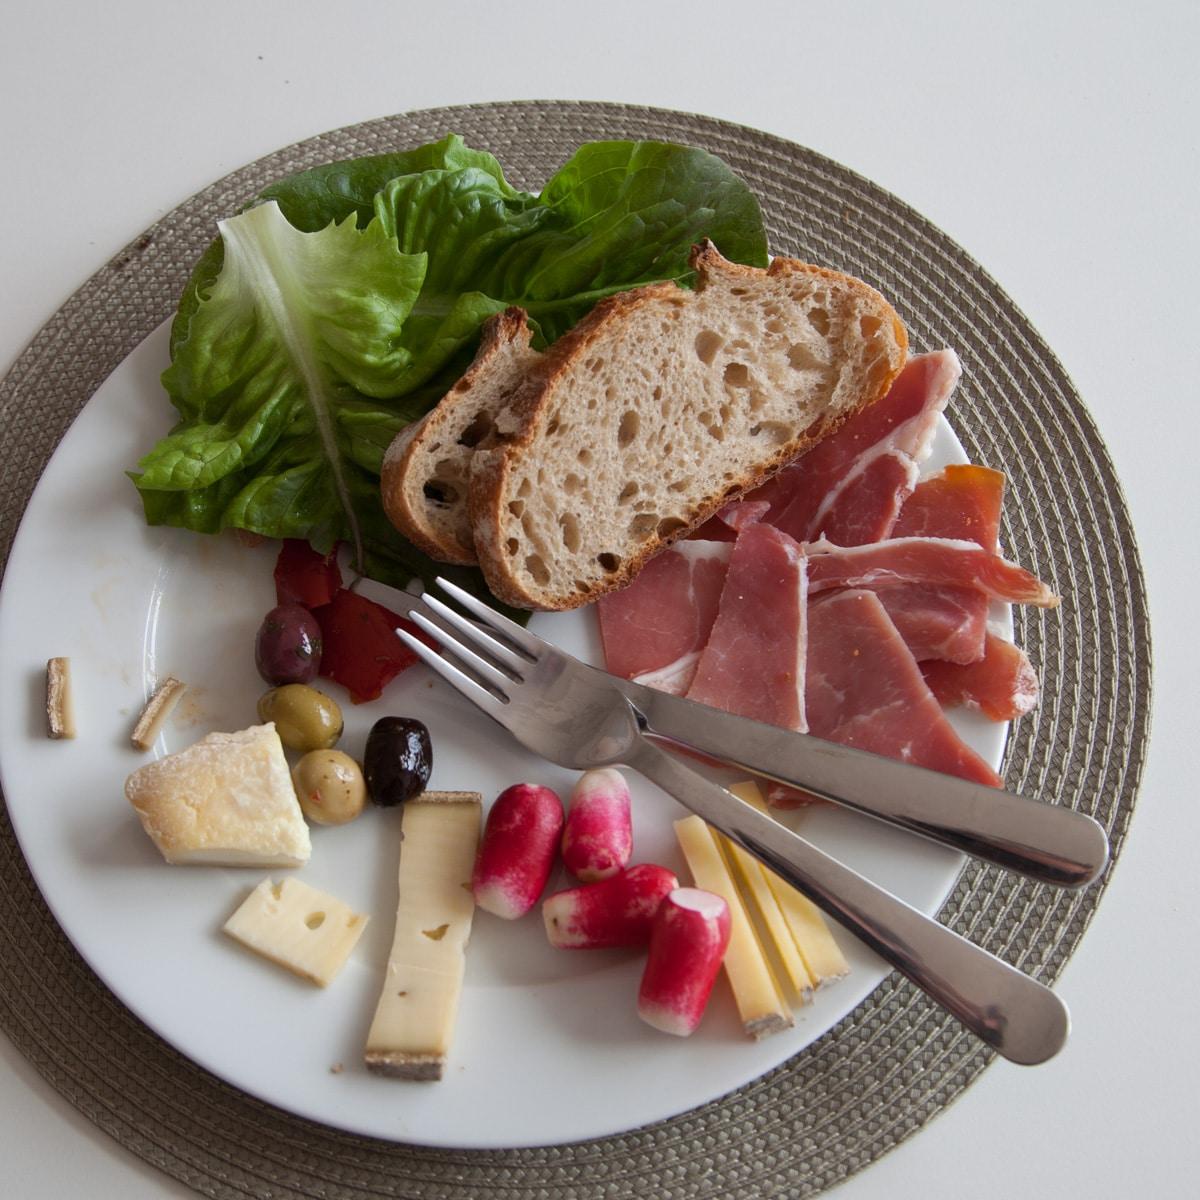 Lunch - WCF-7559.jpg